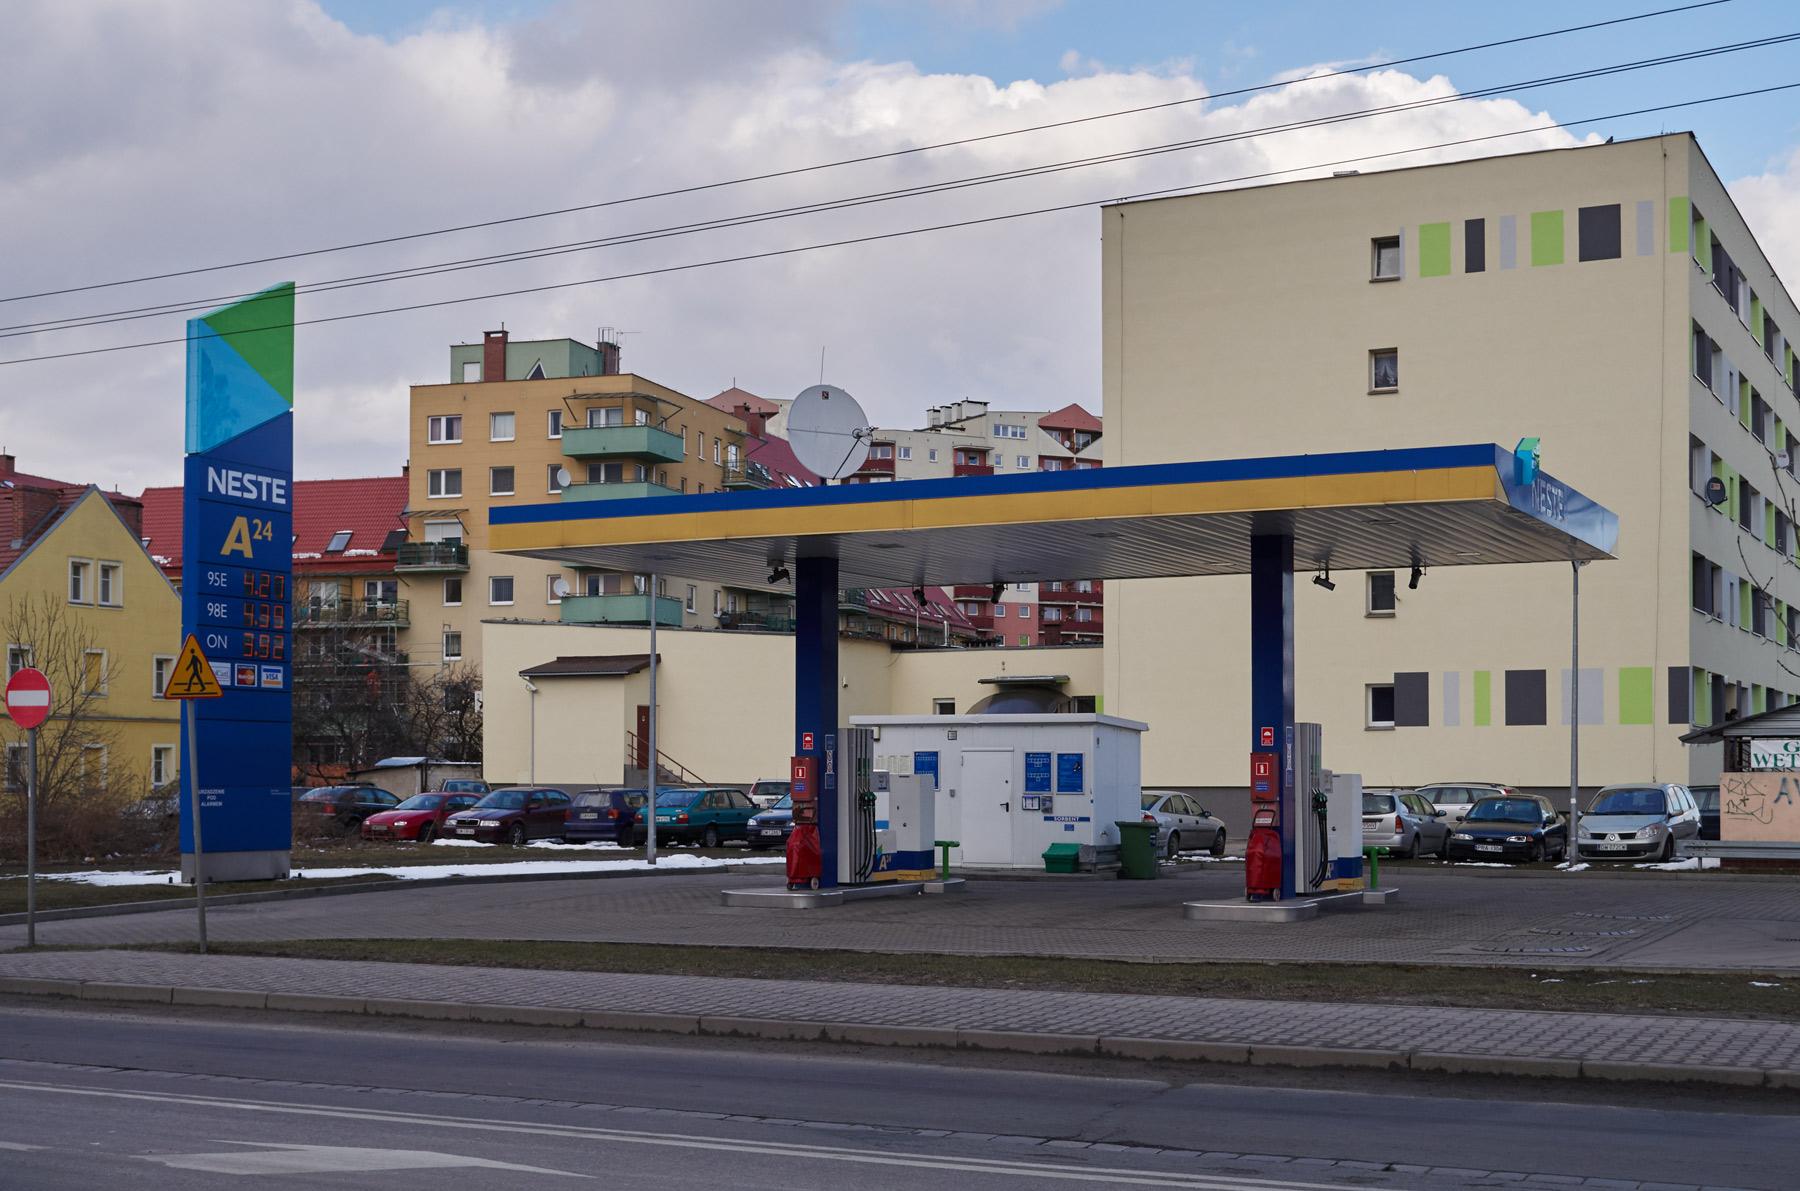 Stacja_benzynowa_Neste_816543_Fotopolska-Eu